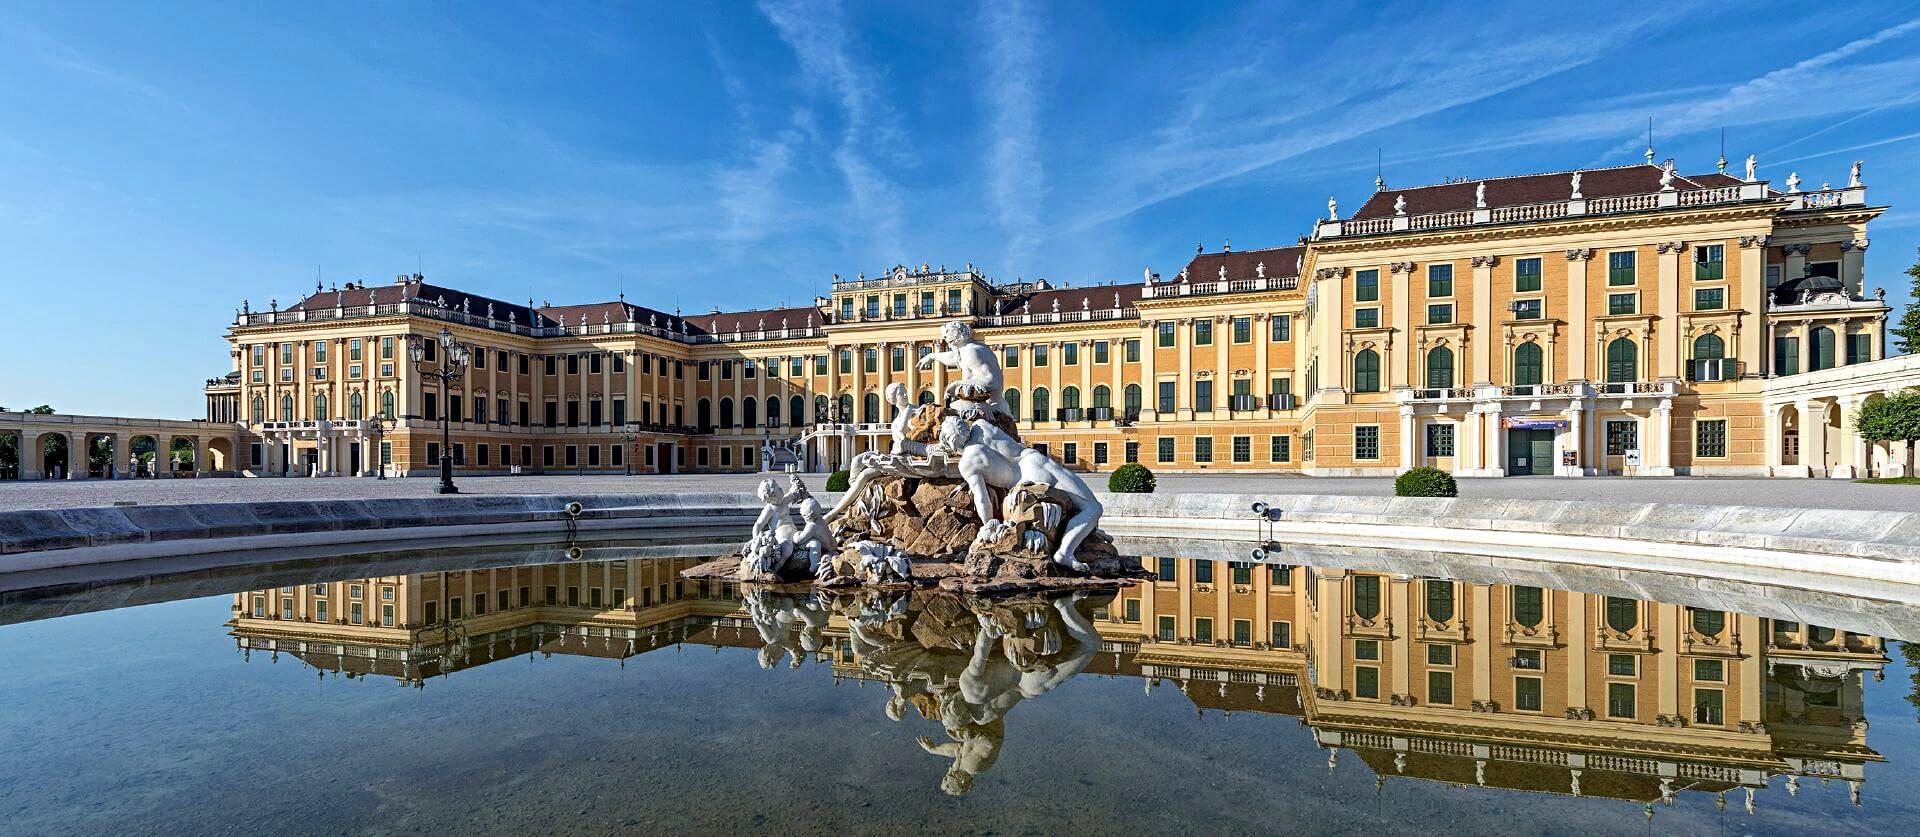 Schönbrunn tour with dinner and concert